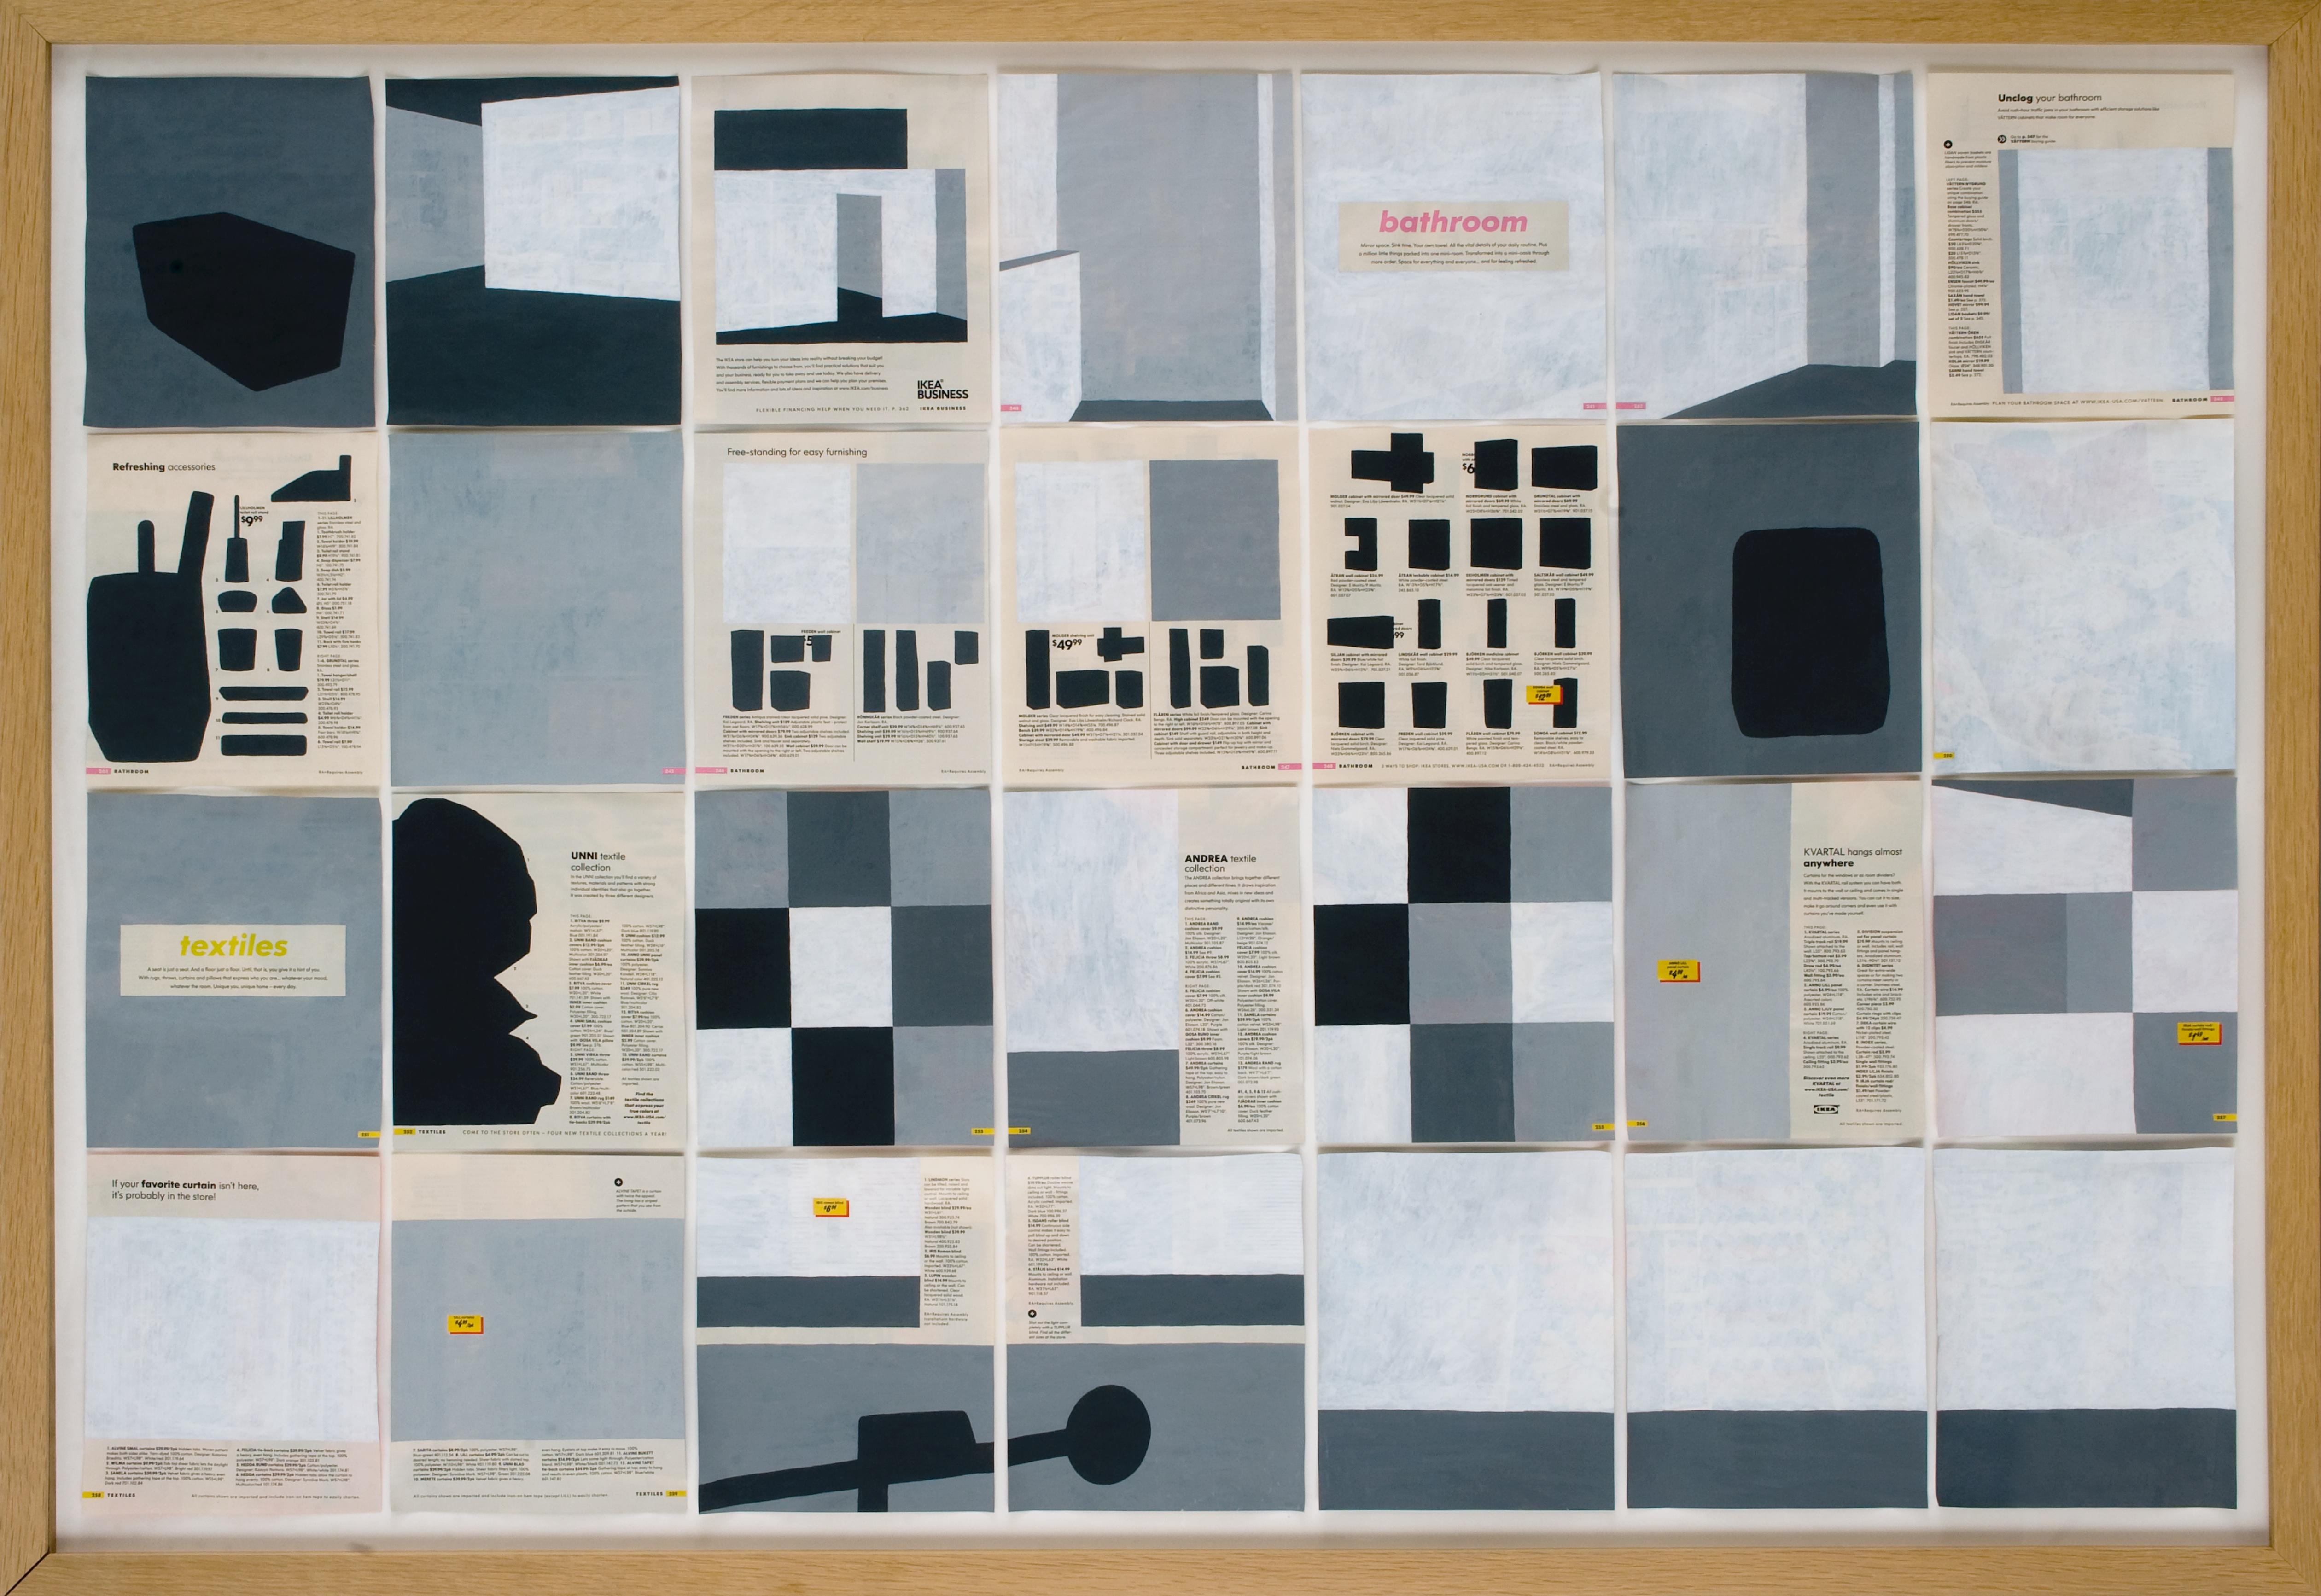 Jochen Gerner, n°7 – Bathroom – Textiles, 2008_Série Home_Acrylique sur papier imprimé, 100 x 144 cm avec cadre_courtesy galerie anne barrault